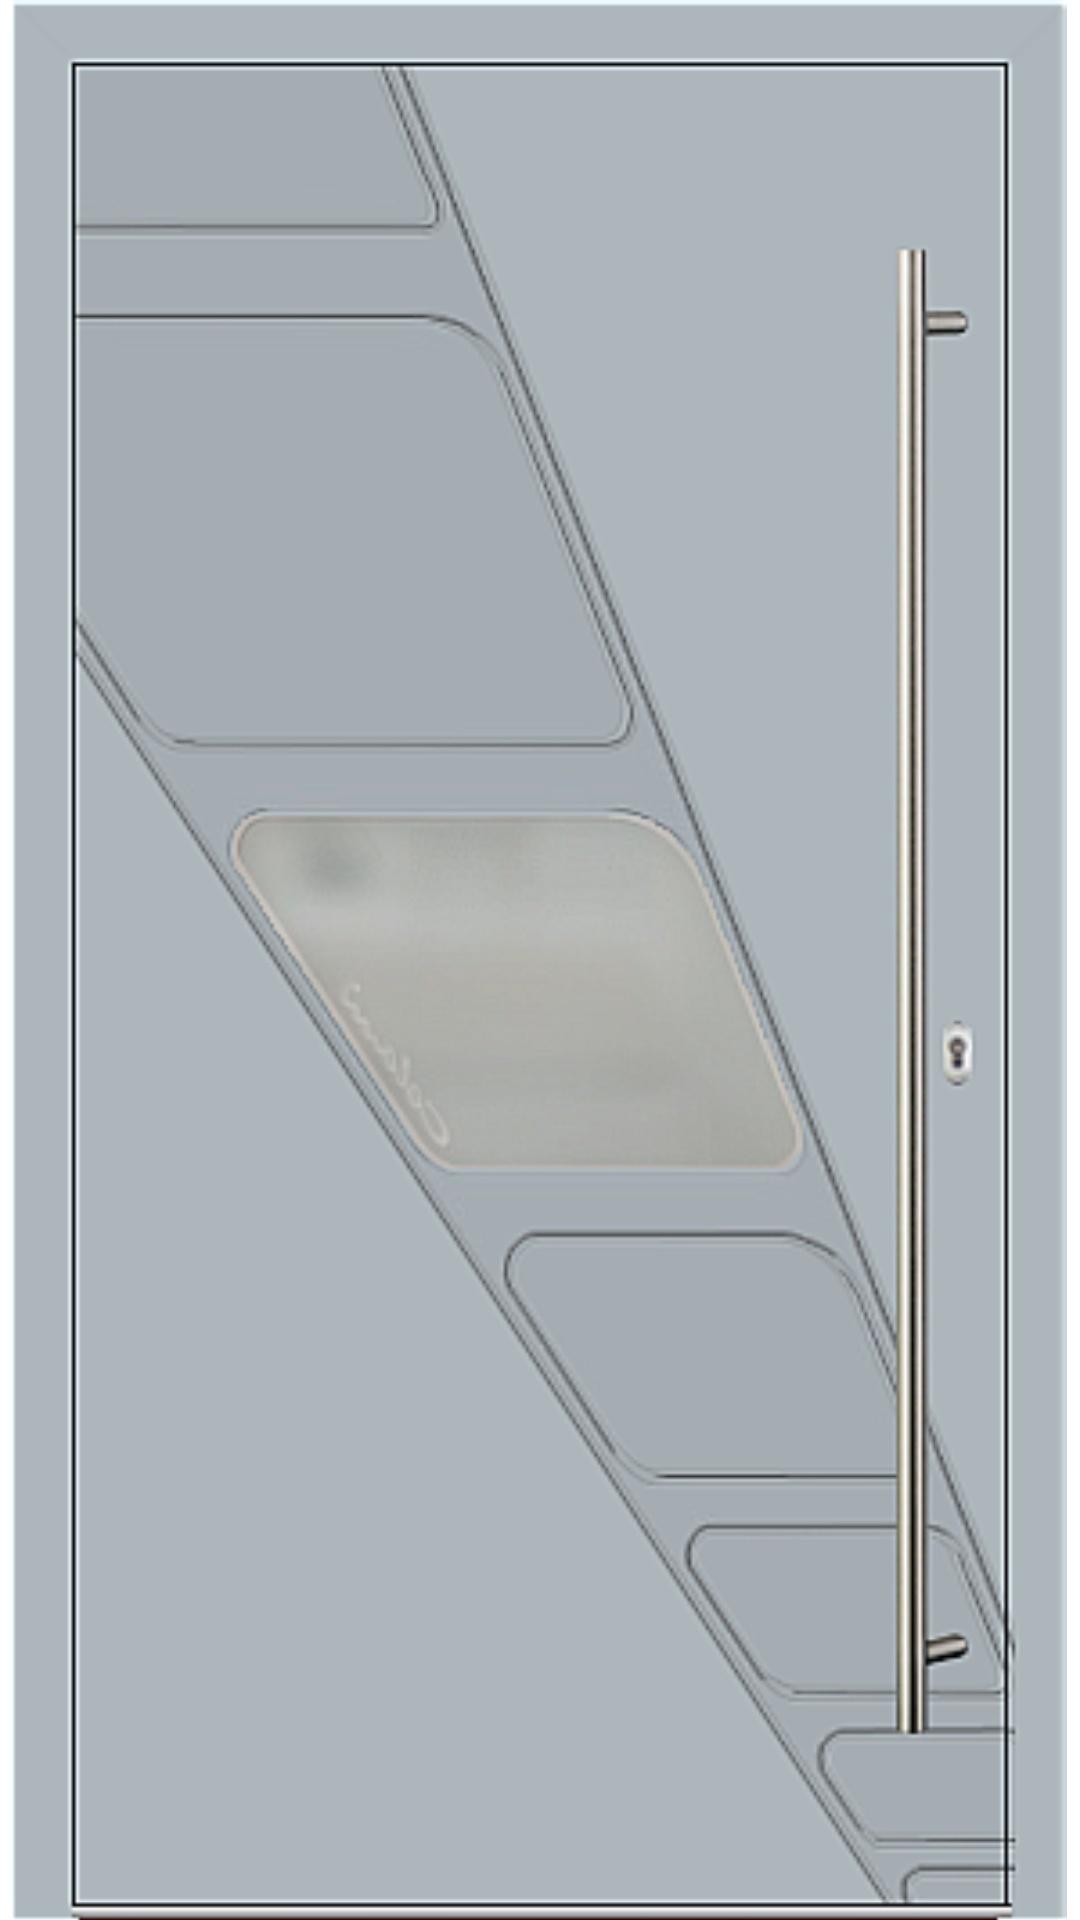 Holz-Alu Haustür Modell 62713 fehgrau